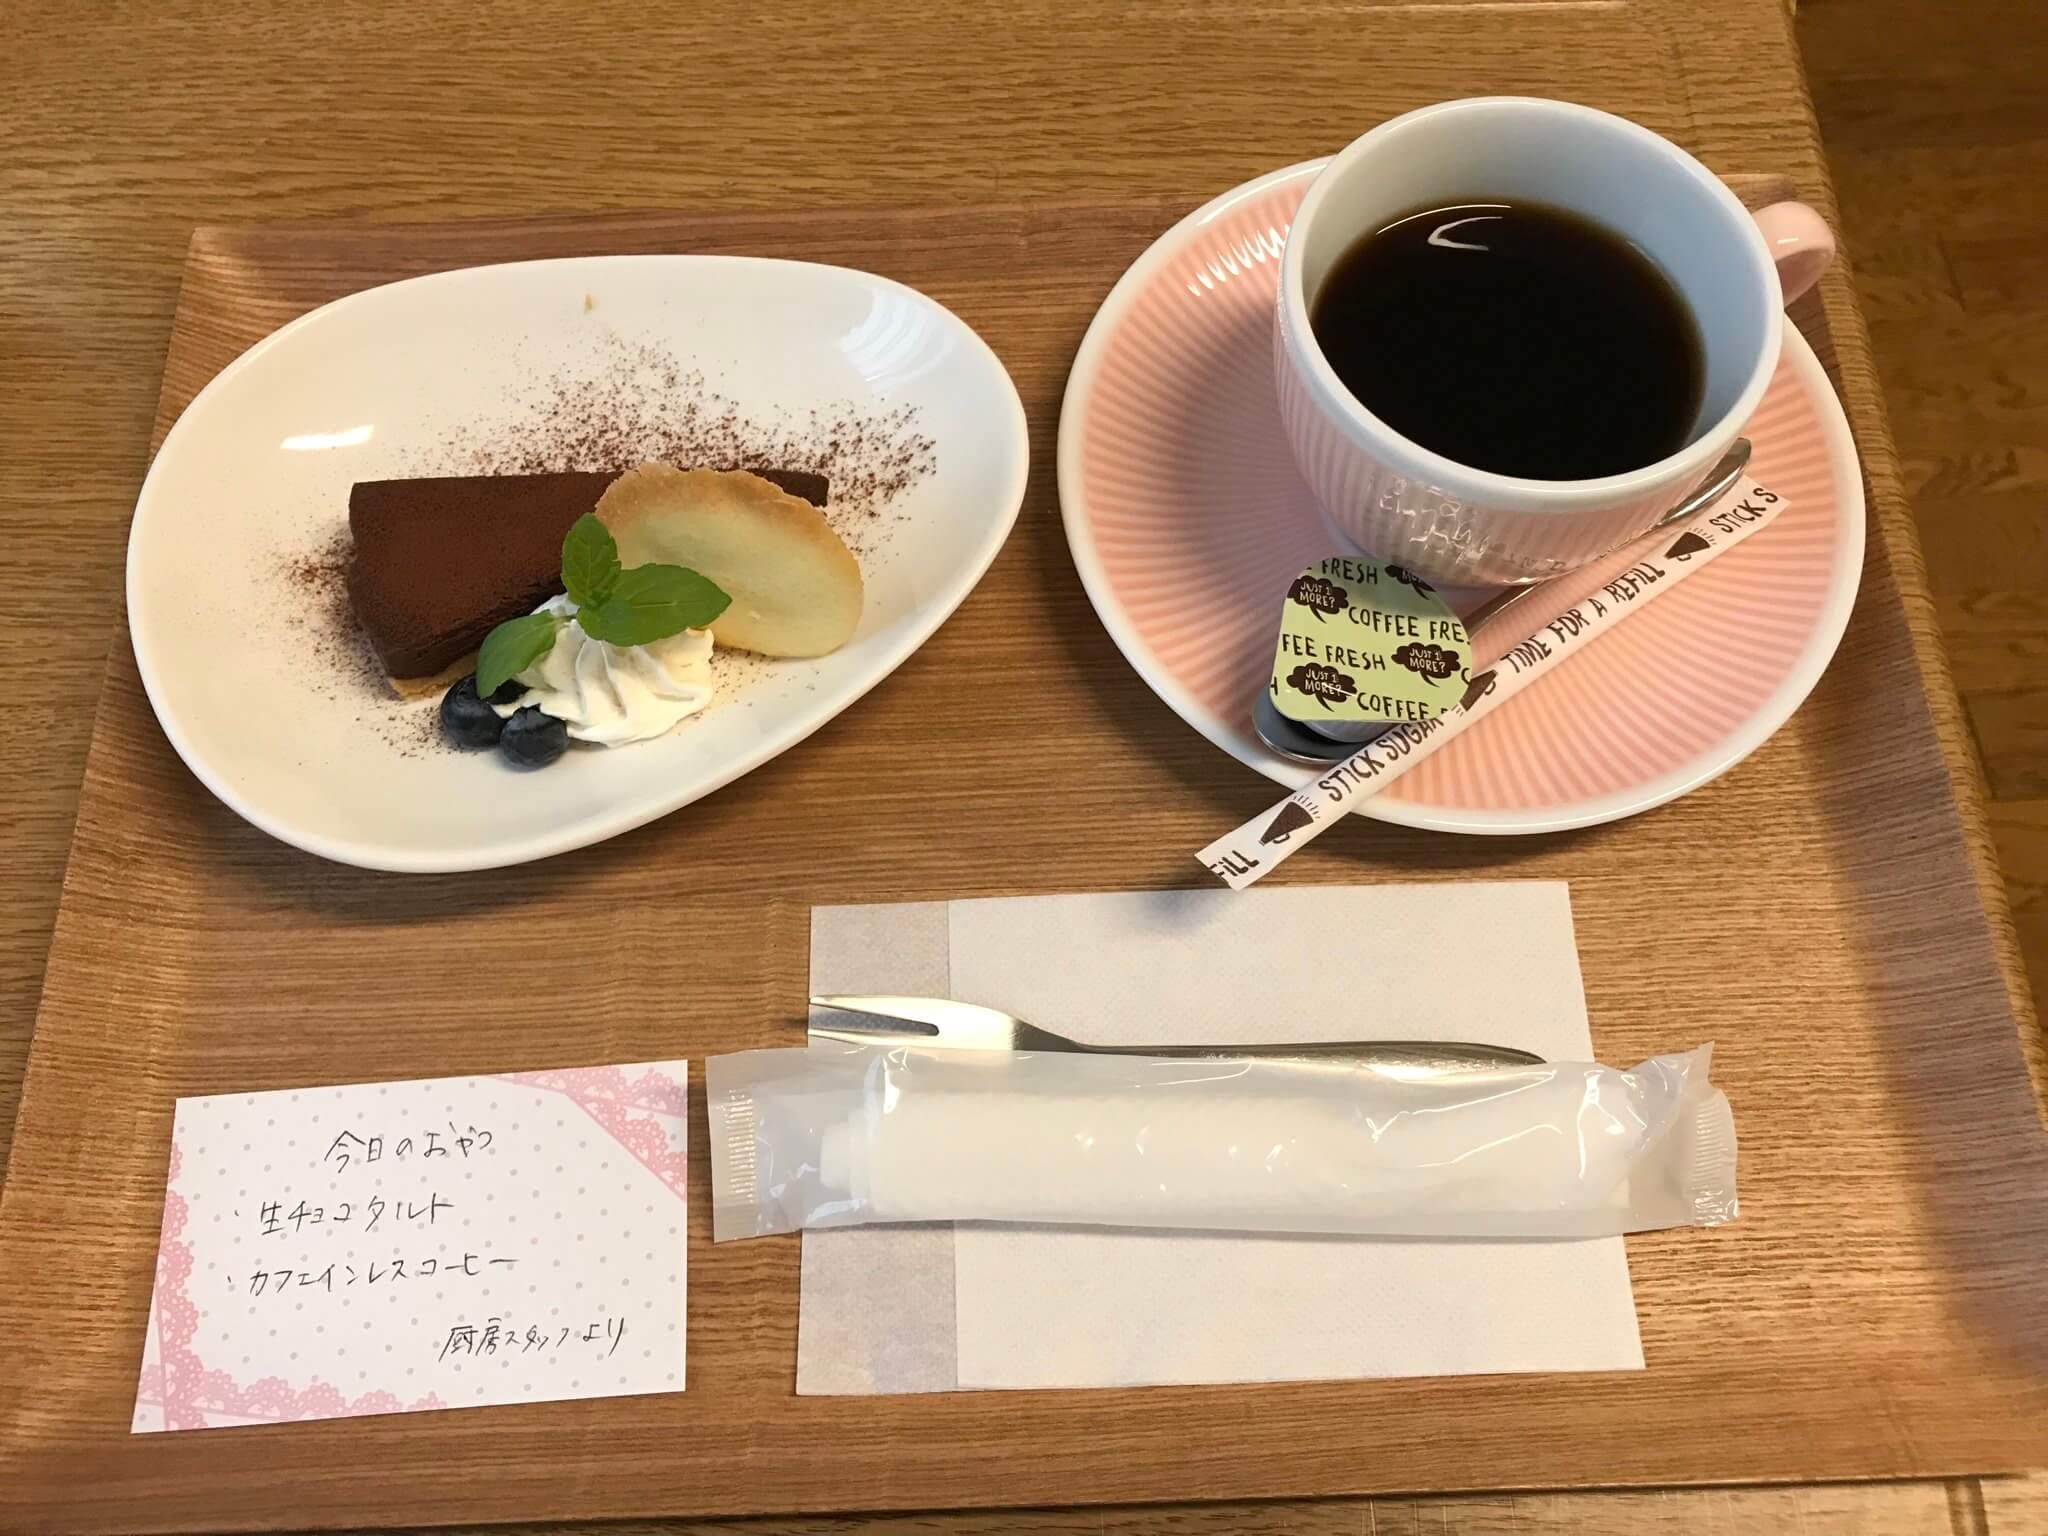 Japan hospital food 7 (1)